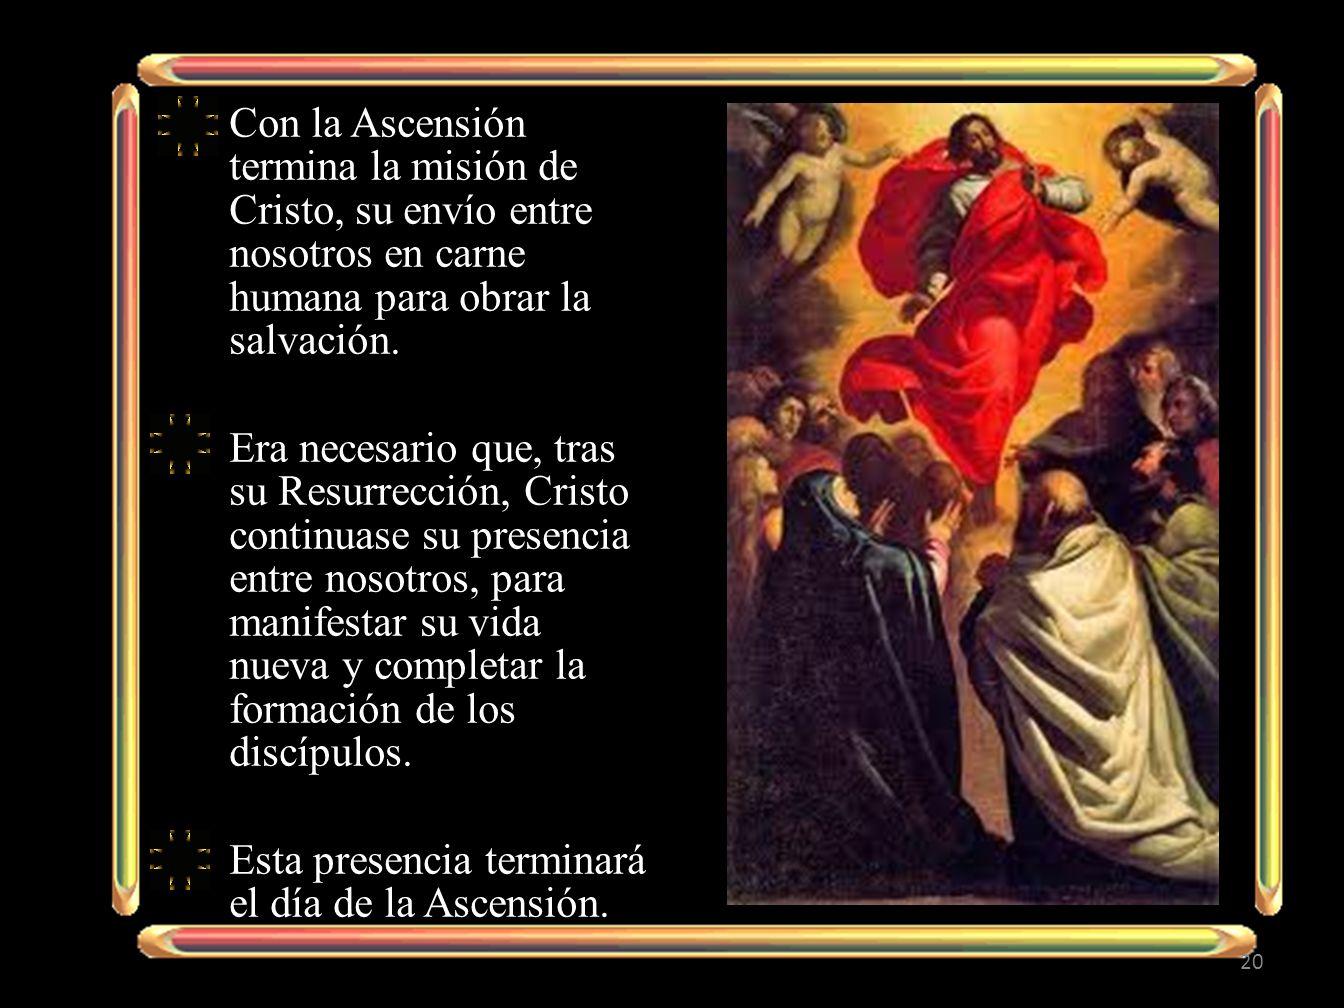 Con la Ascensión termina la misión de Cristo, su envío entre nosotros en carne humana para obrar la salvación. Era necesario que, tras su Resurrección